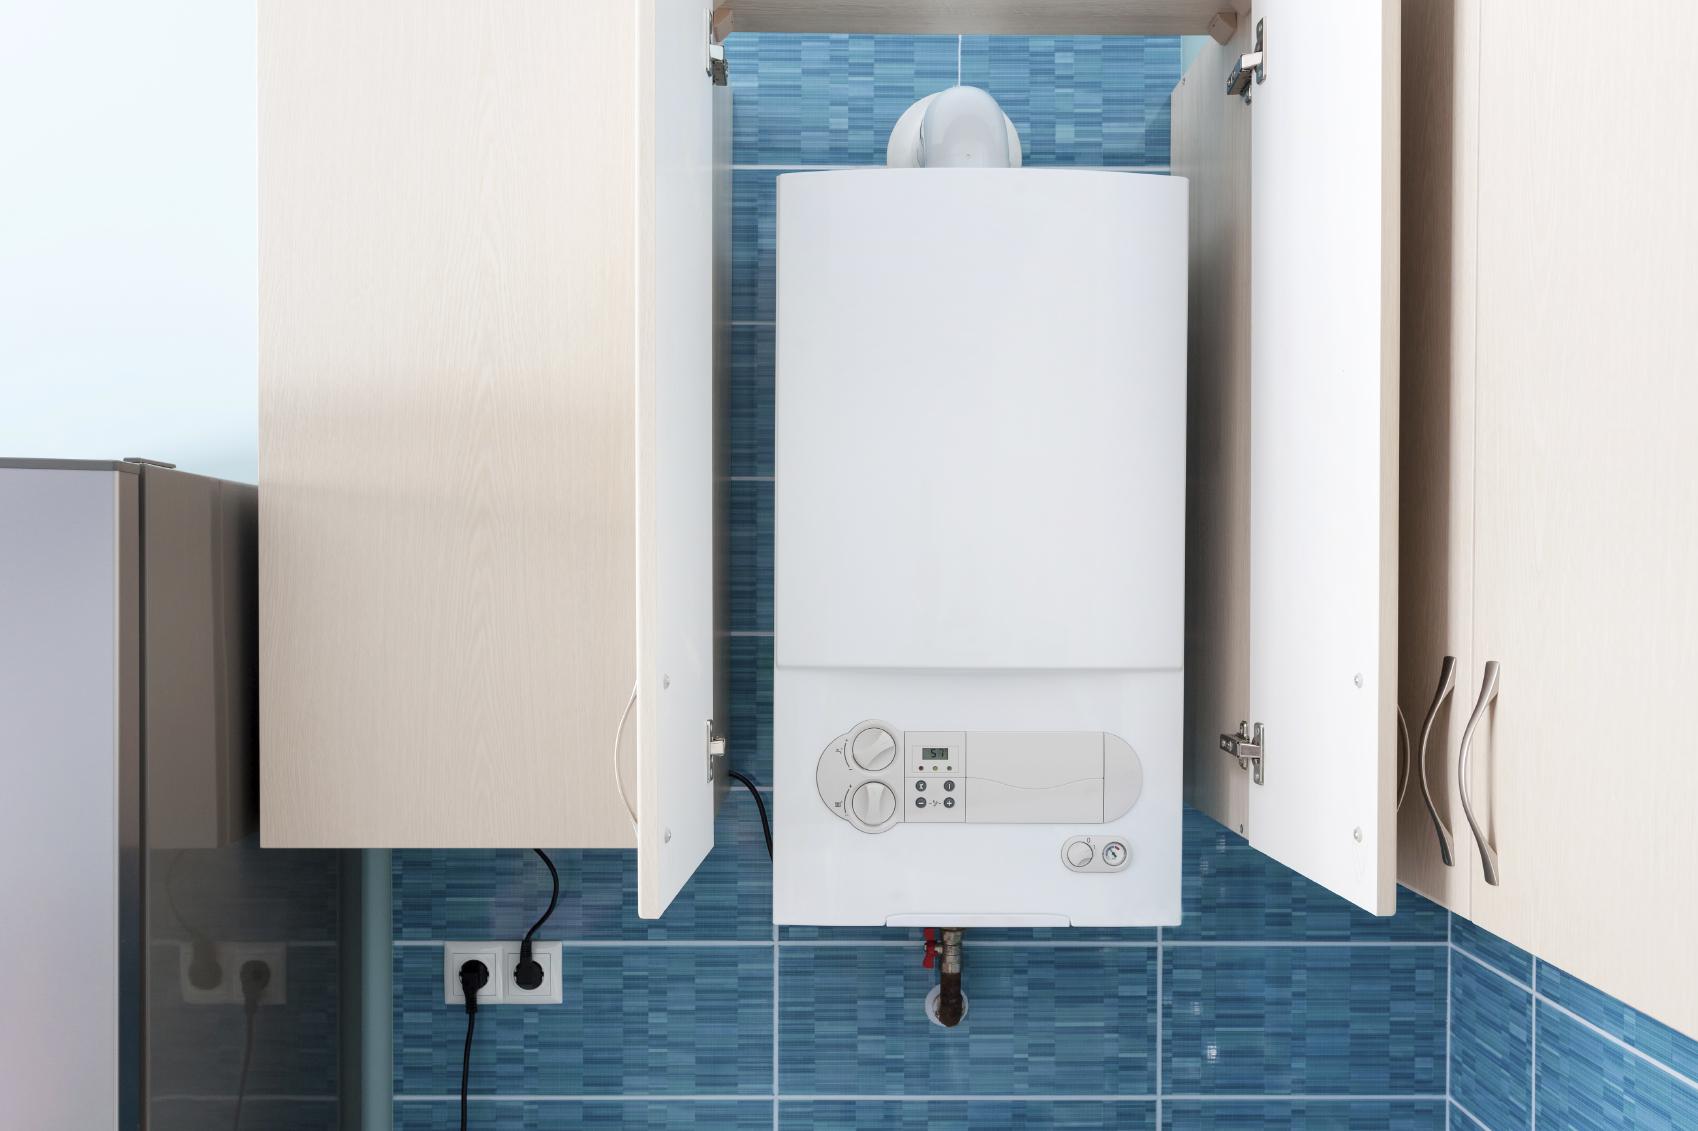 Warmwasserspeicher vs. Durchlauferhitzer » 11880-heizung.com